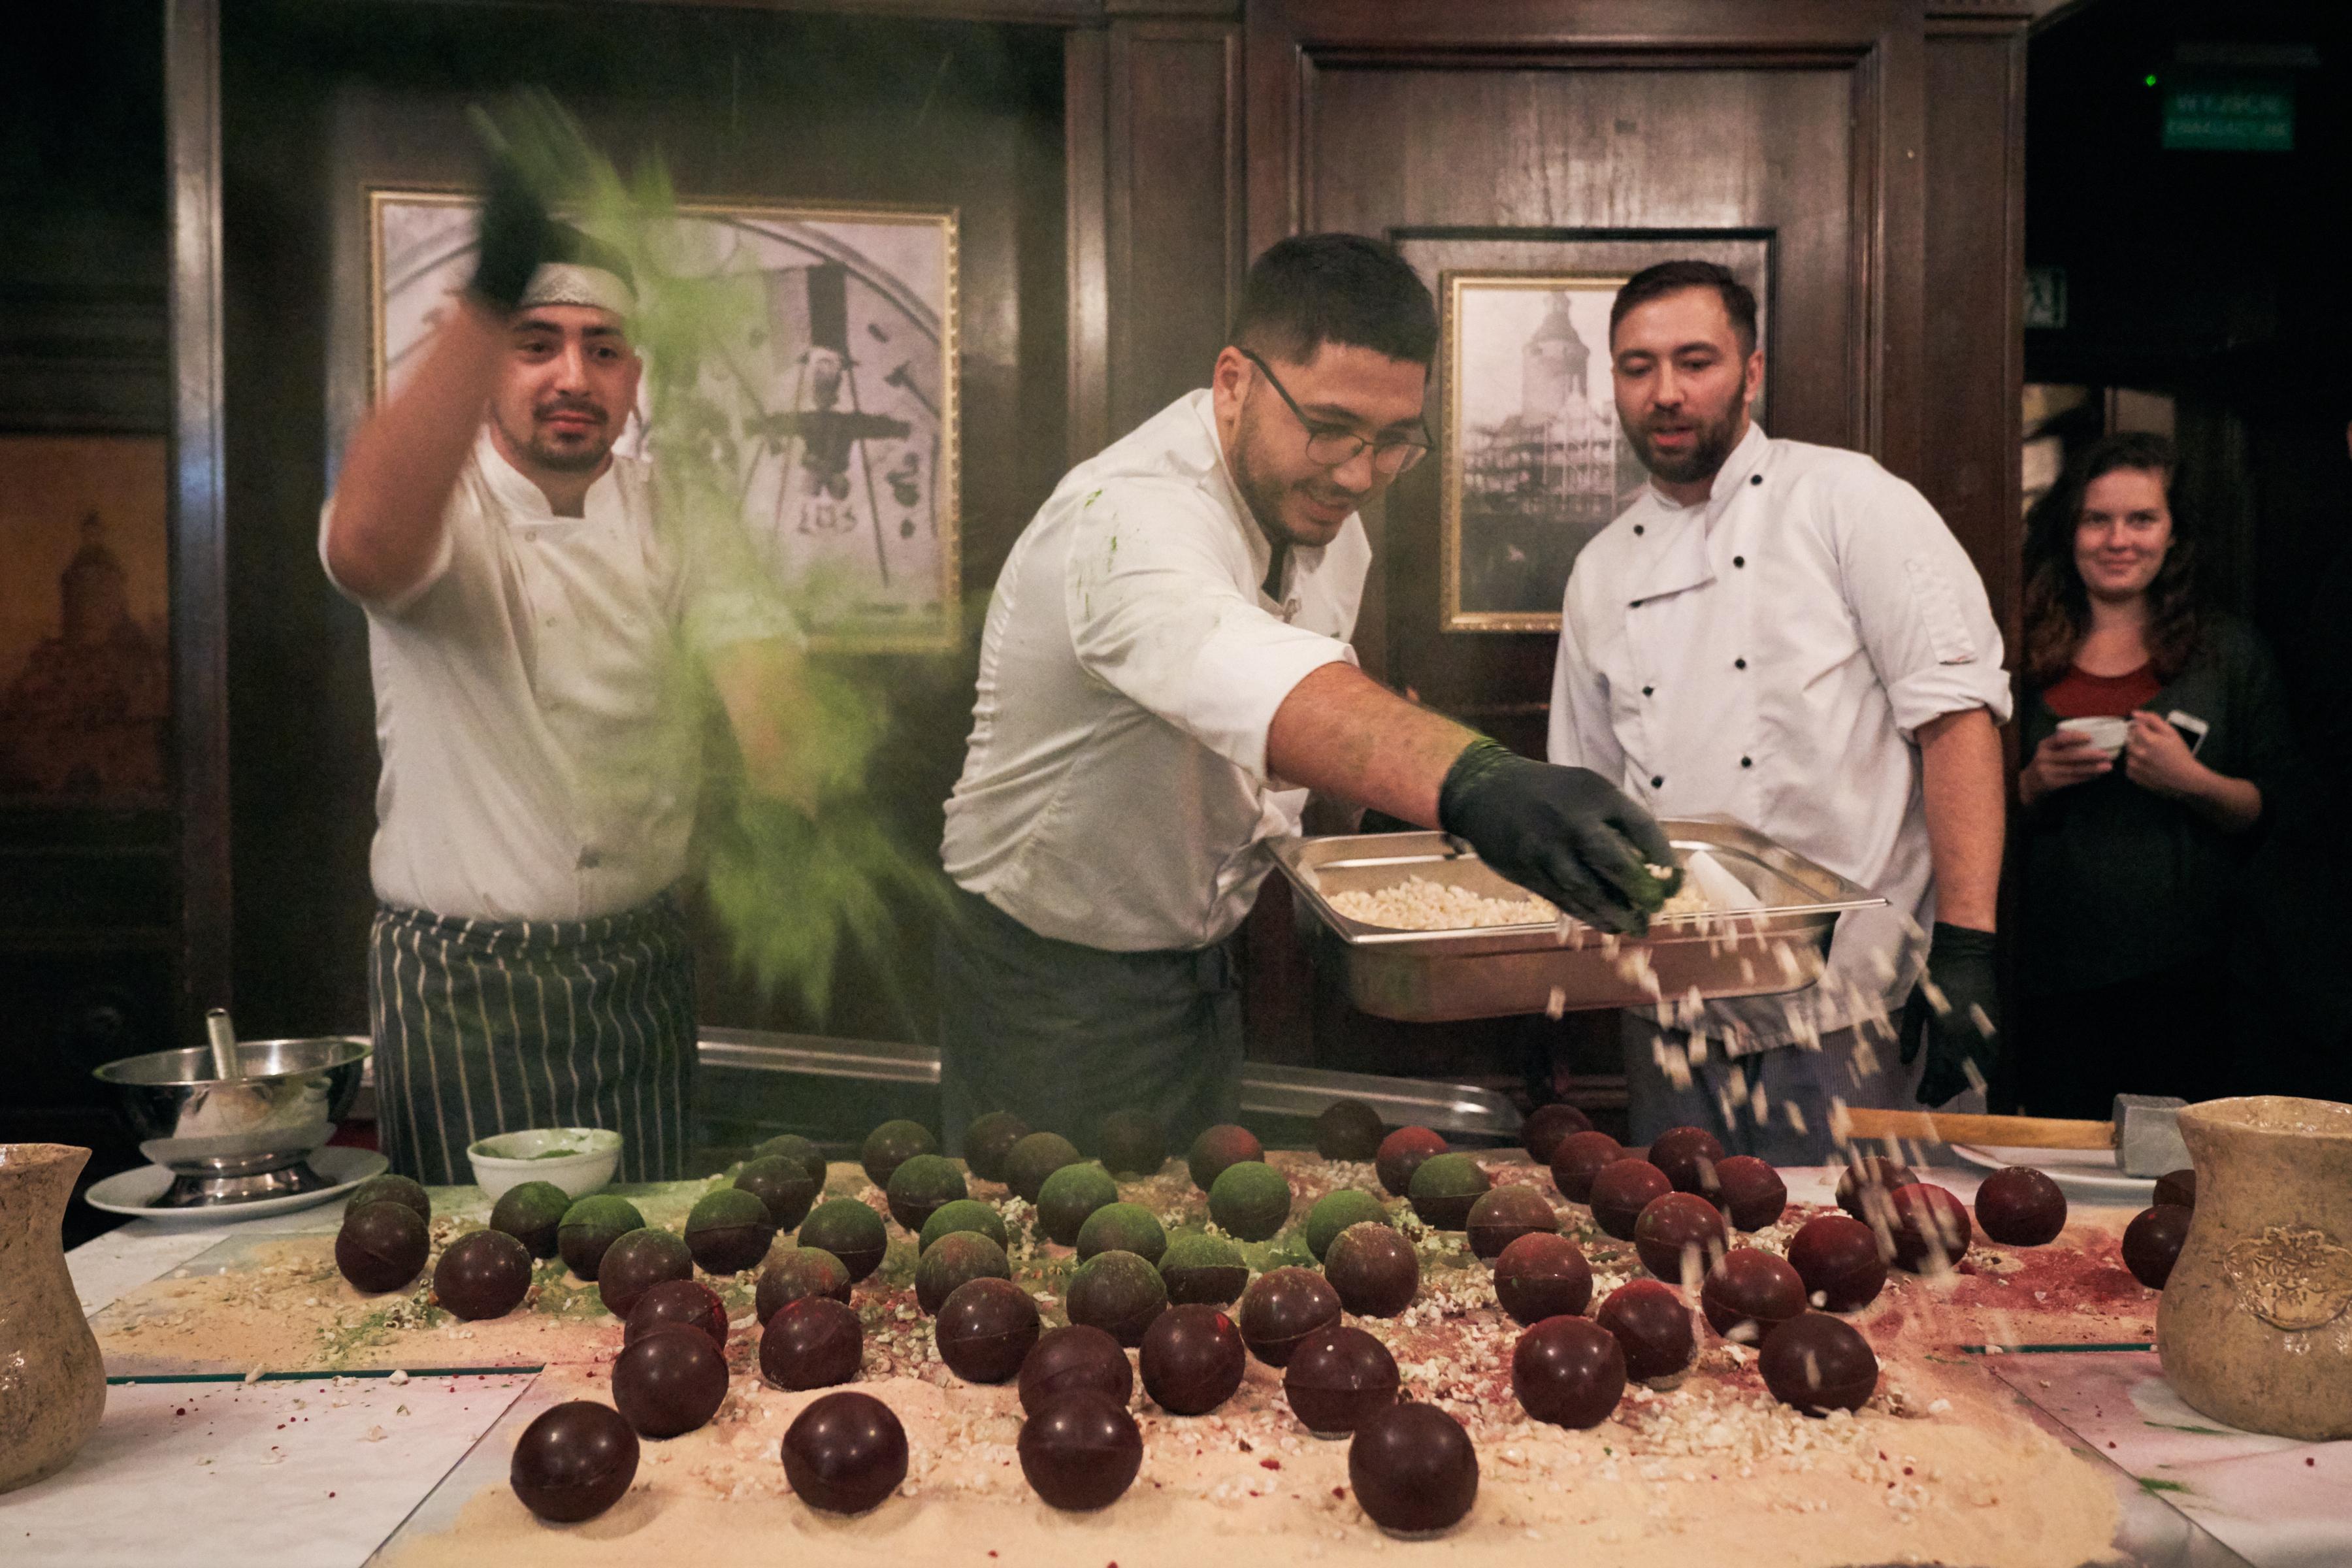 Ștrumfii Jedi au făcut spectacol internațional! Robert, Gabi și Bogdan au făcut echipă și au ridicat gătitul la rand de ARTĂ!